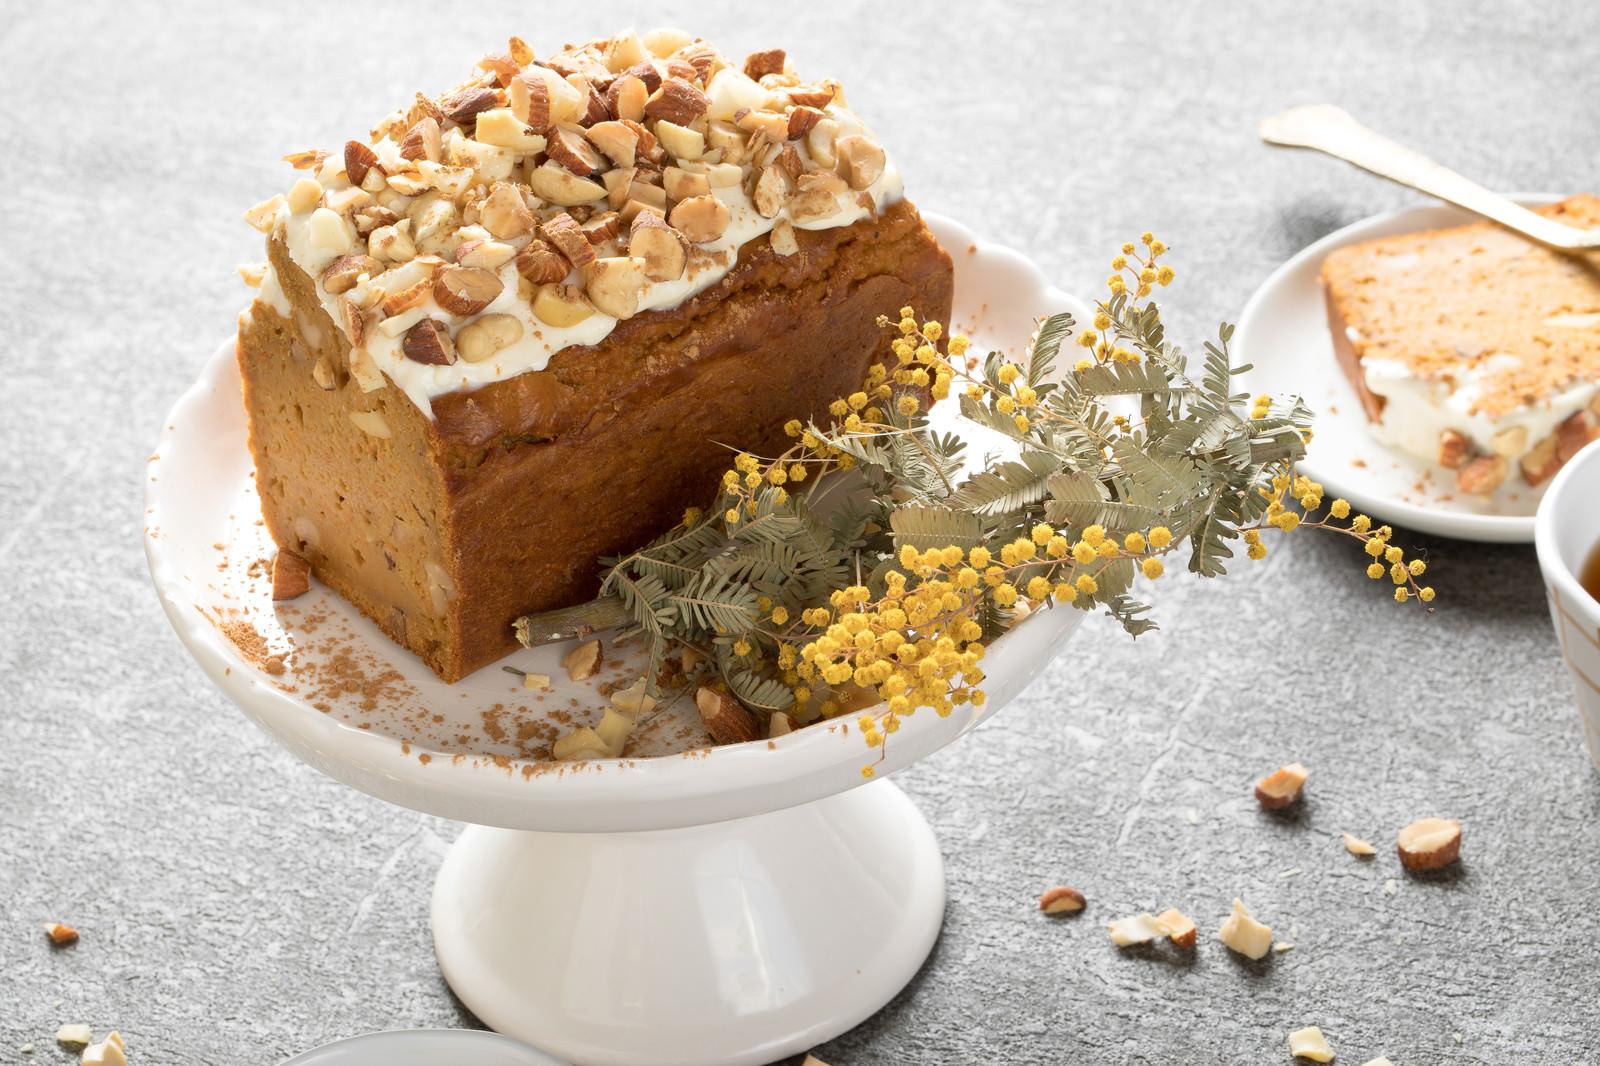 「グルテンフリーのにんじんケーキ」の写真